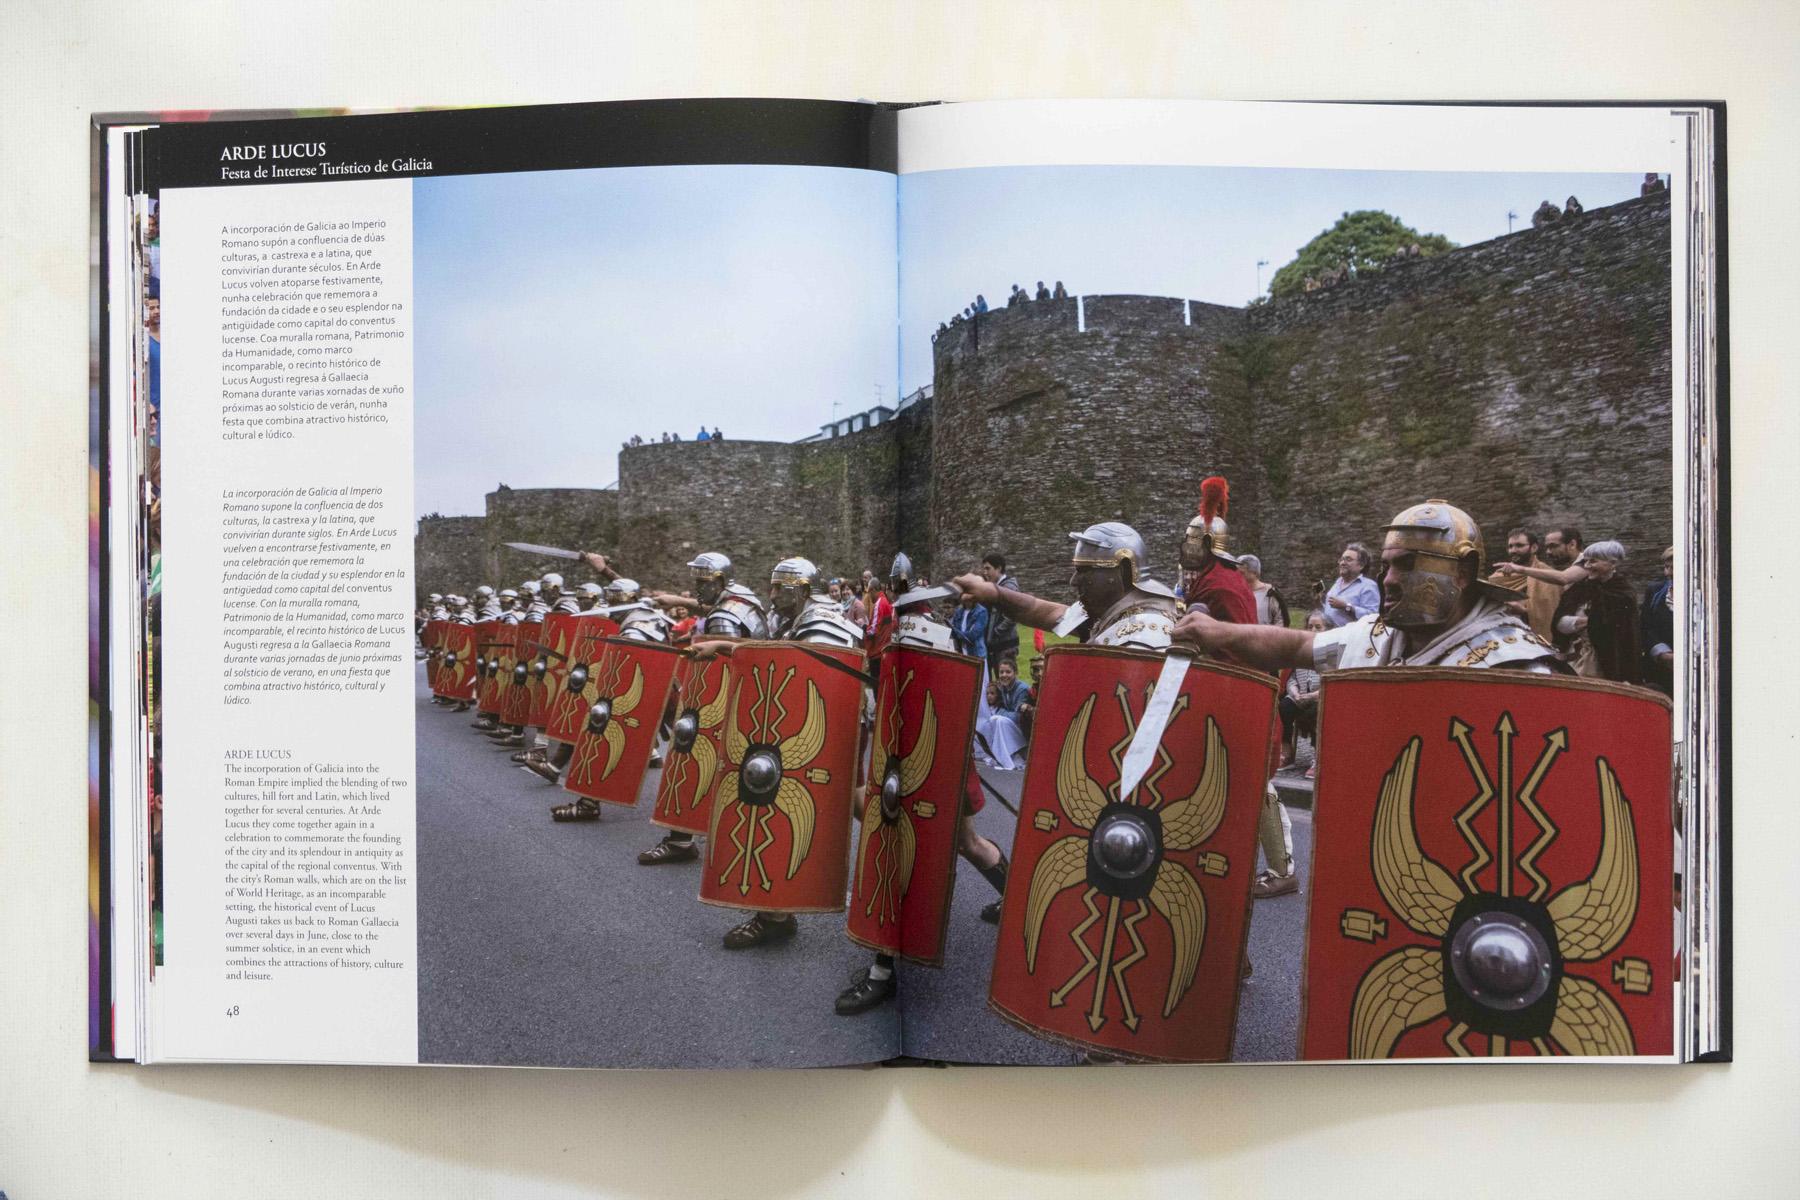 O Arde Lucus no libro Galicia e unha festa de Xurxo Lobato